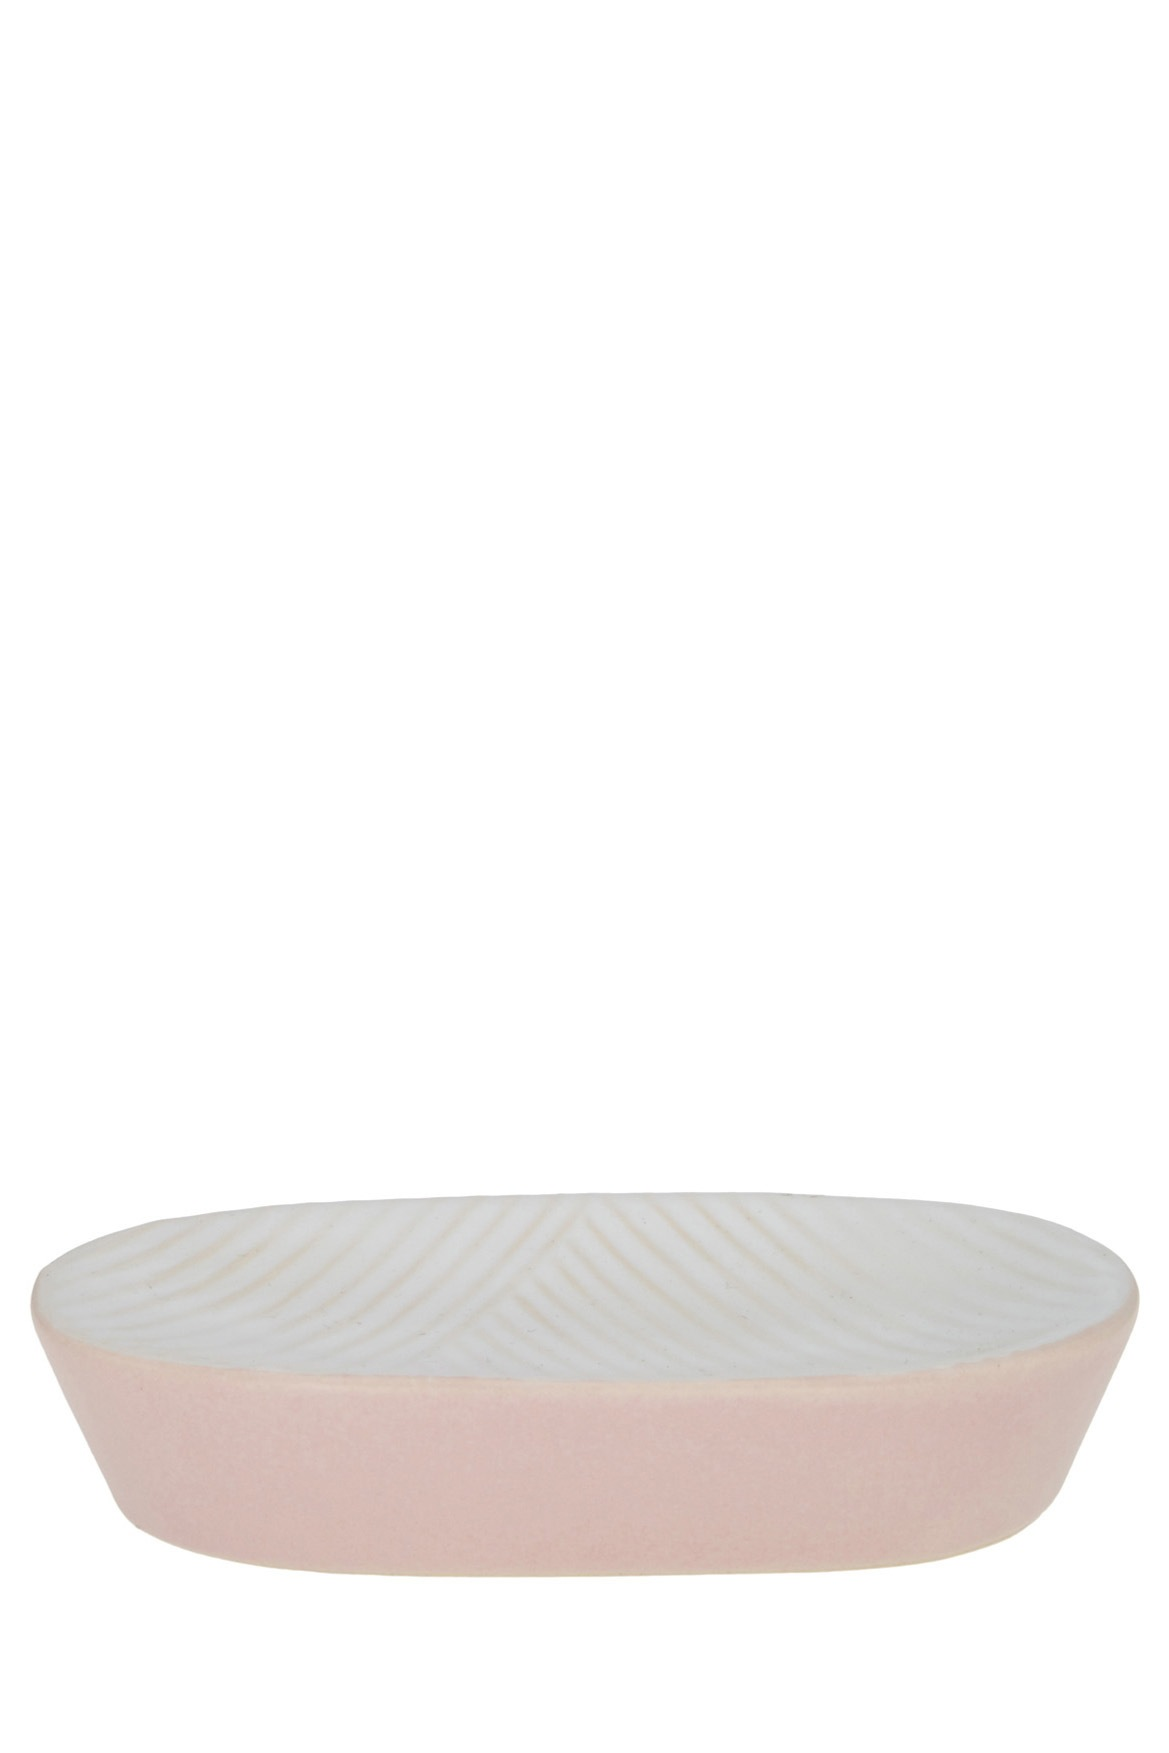 John Lewis   Lunda Plaster Ceramic Bathroom Accessories in Pink ...